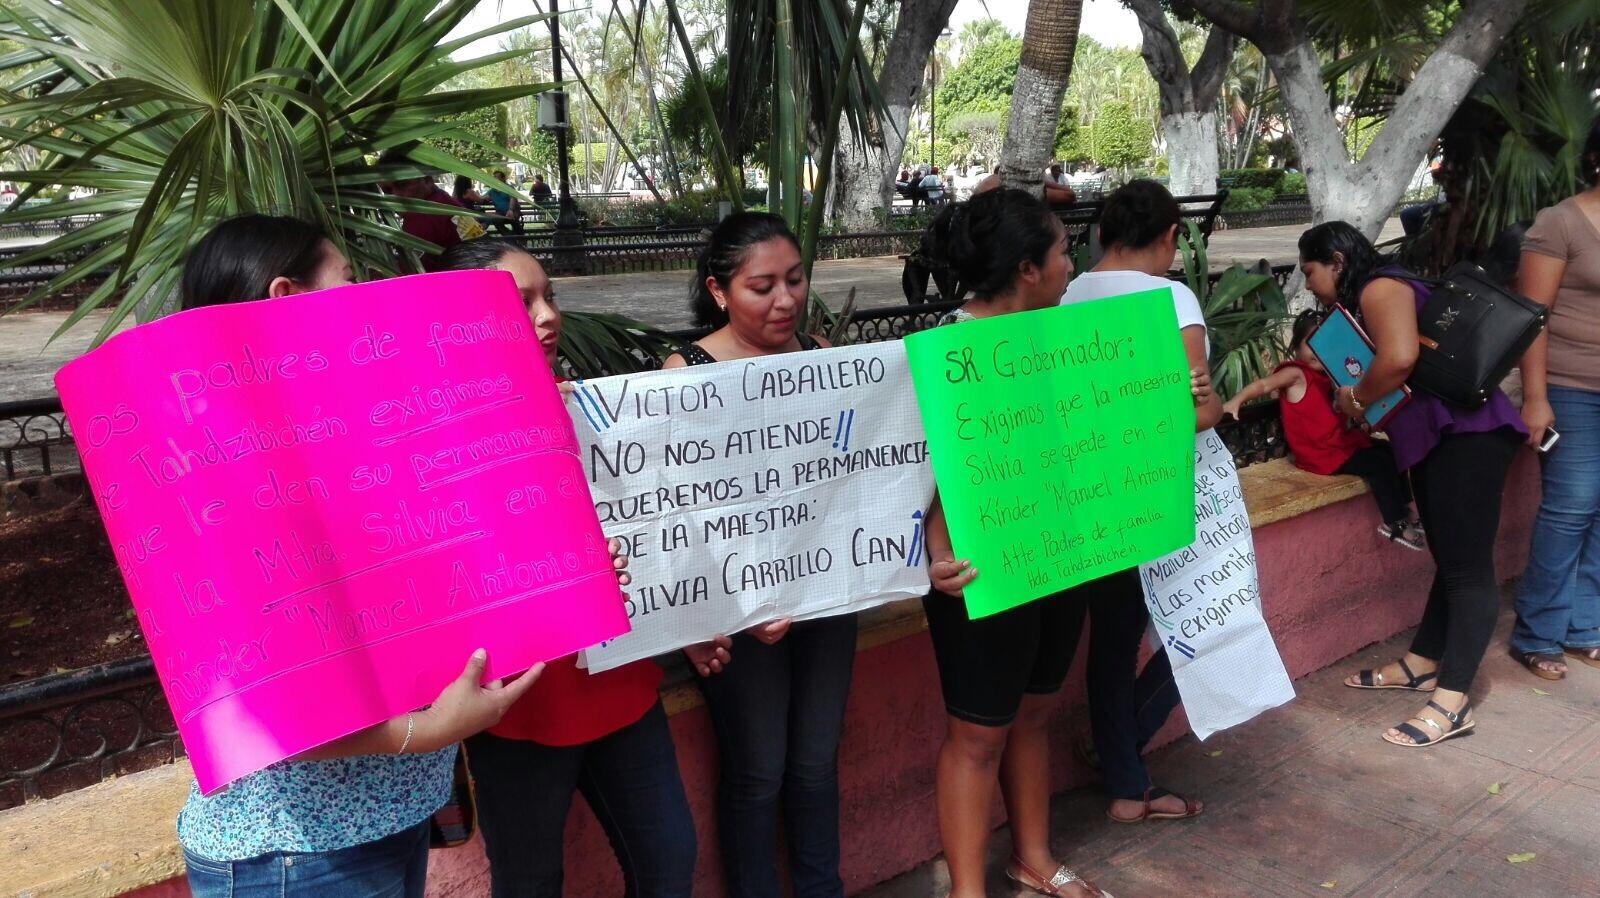 Amenazan con parar clases en defensa de maestra